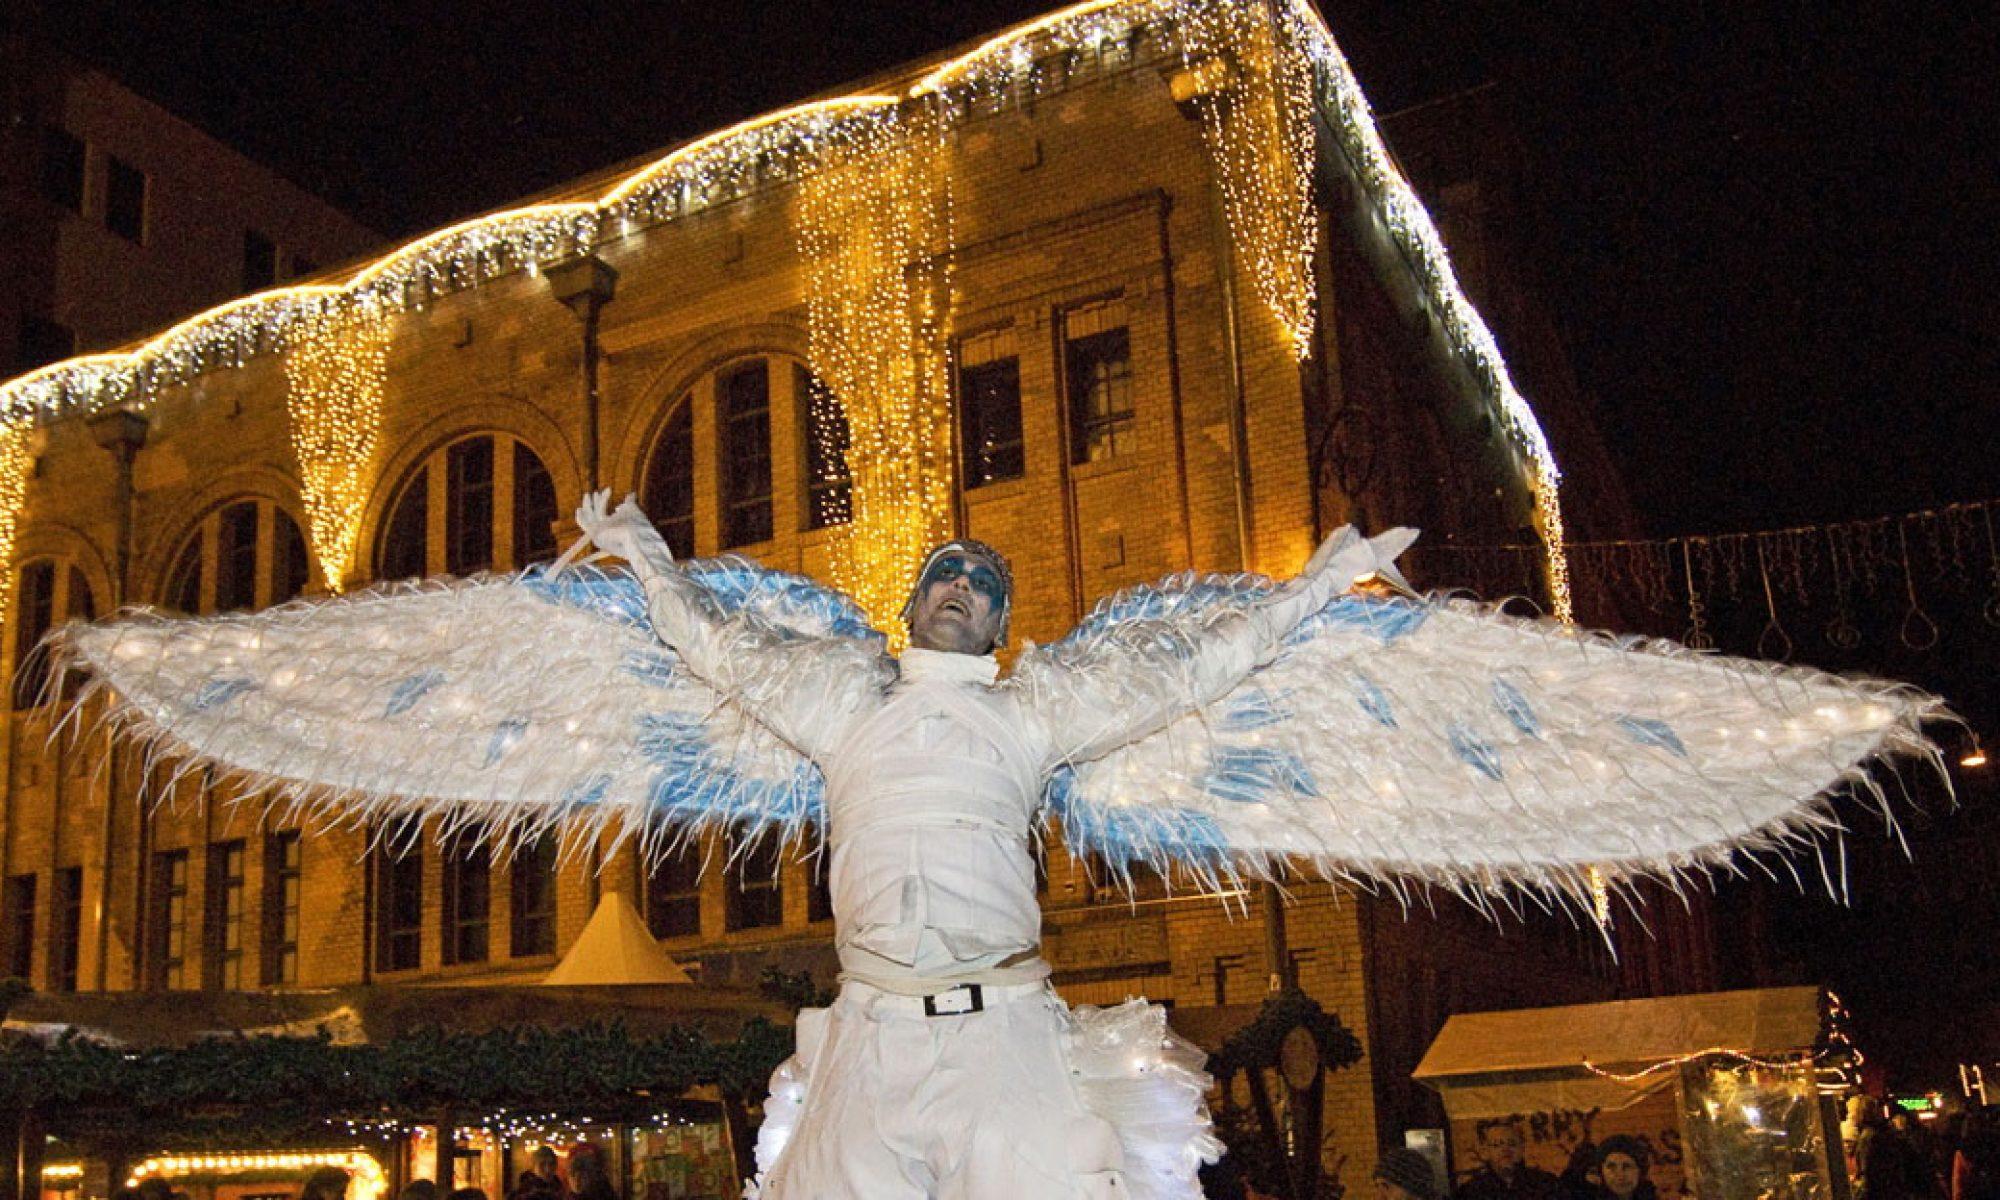 Beginn Weihnachtsmarkt Berlin 2019.Lucia Weihnachtsmarkt In Der Kulturbrauerei